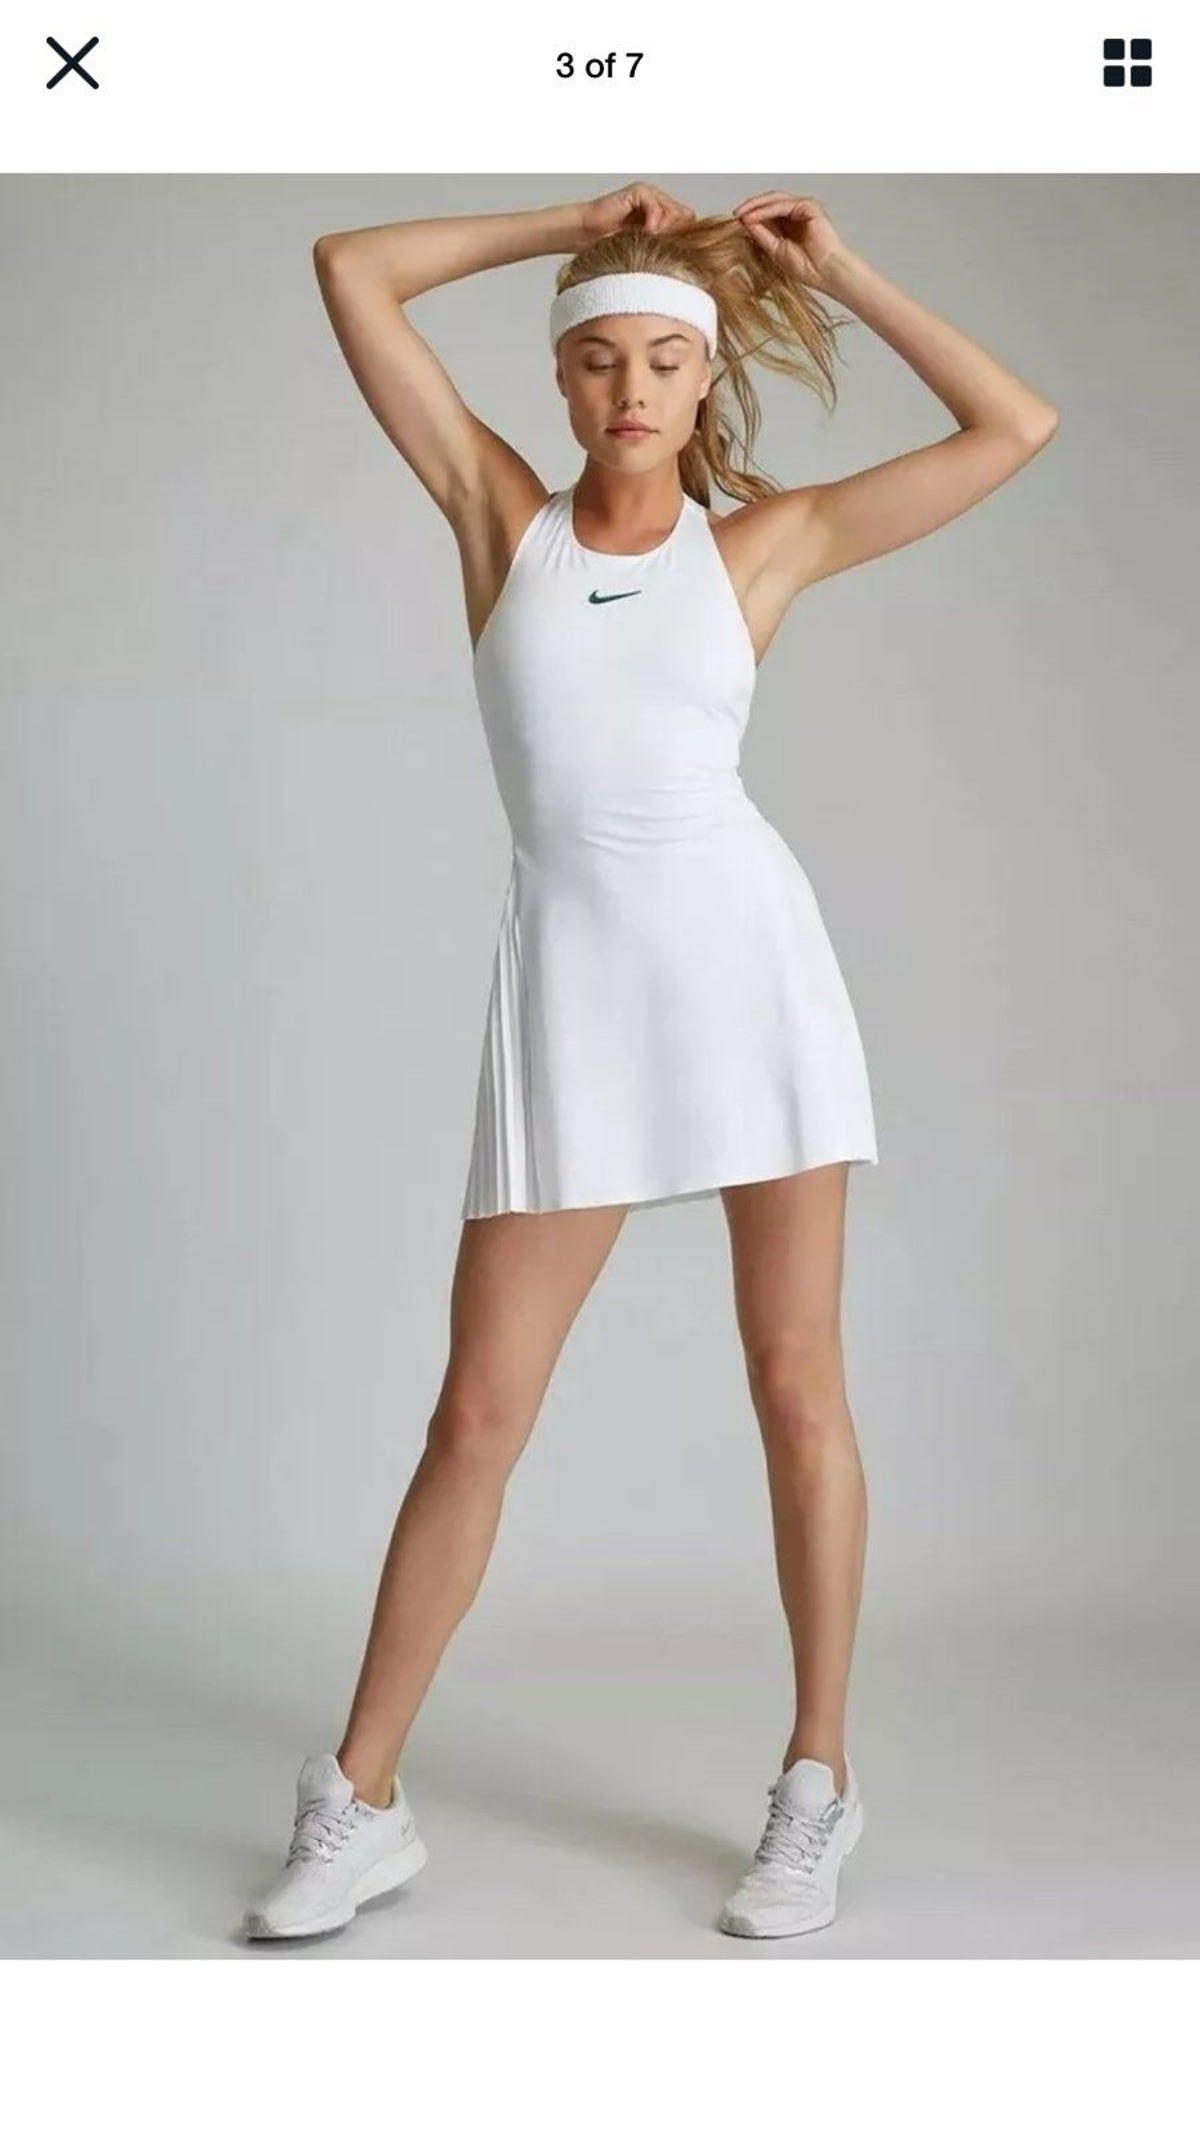 Nike Maria Sharapova Court Tennis Dress White Tennis Dress Tennis Dress Tennis Skirt Outfit [ 2133 x 1200 Pixel ]